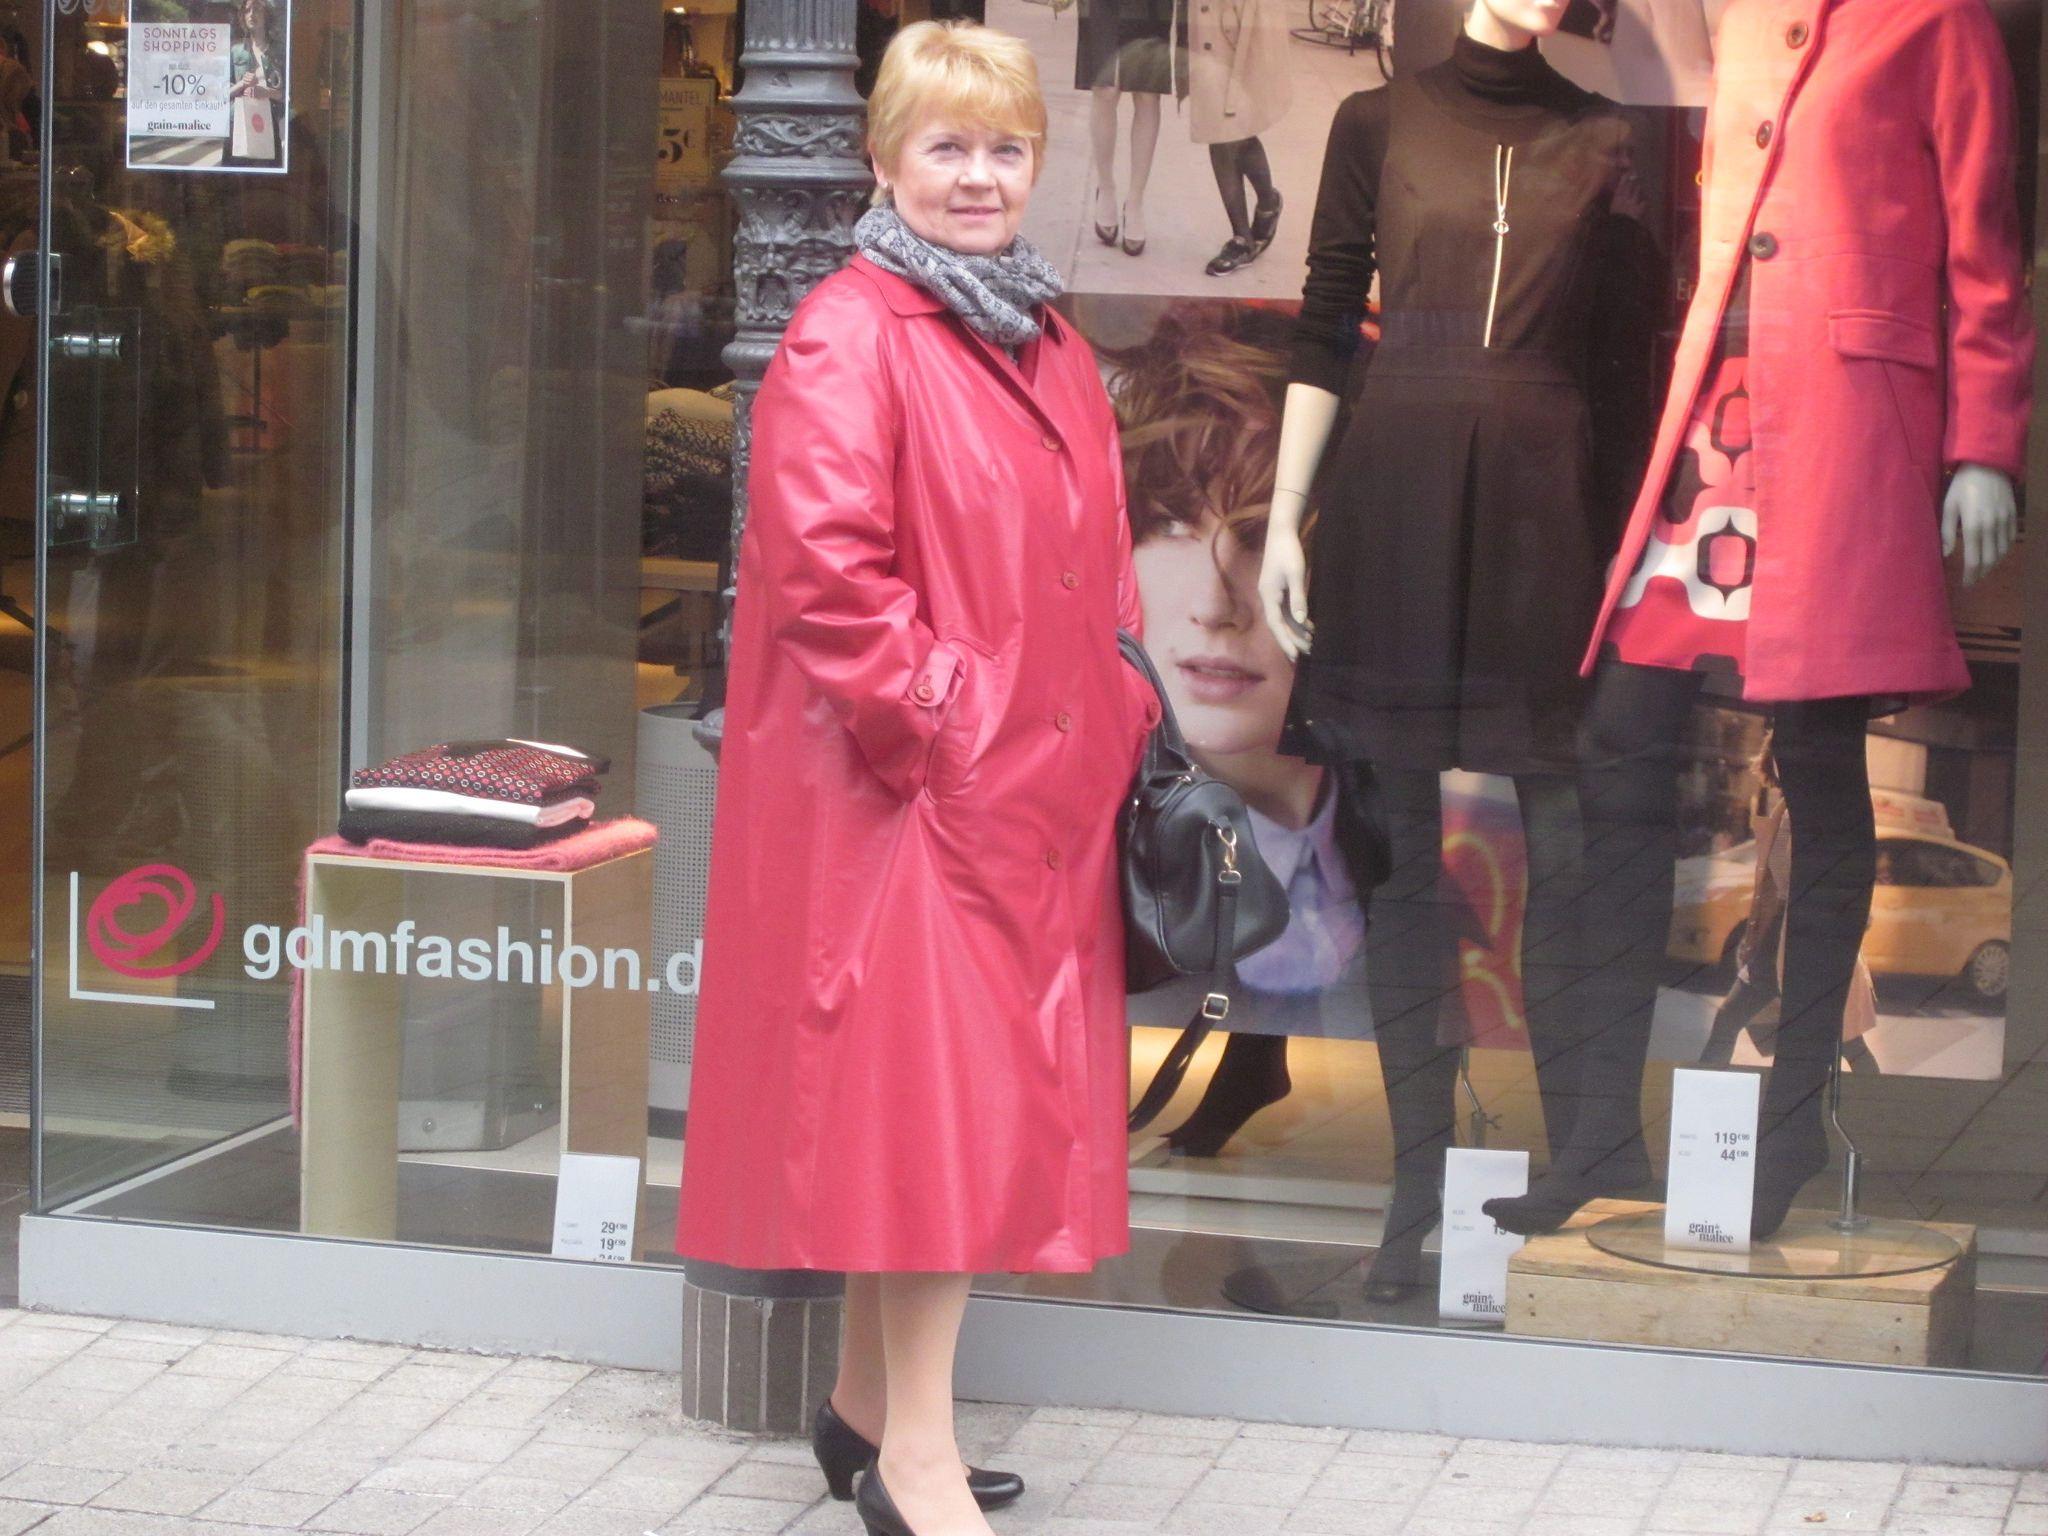 Pin von Wolle 64 auf Rainwear | Rain wear, Coat und Raincoat